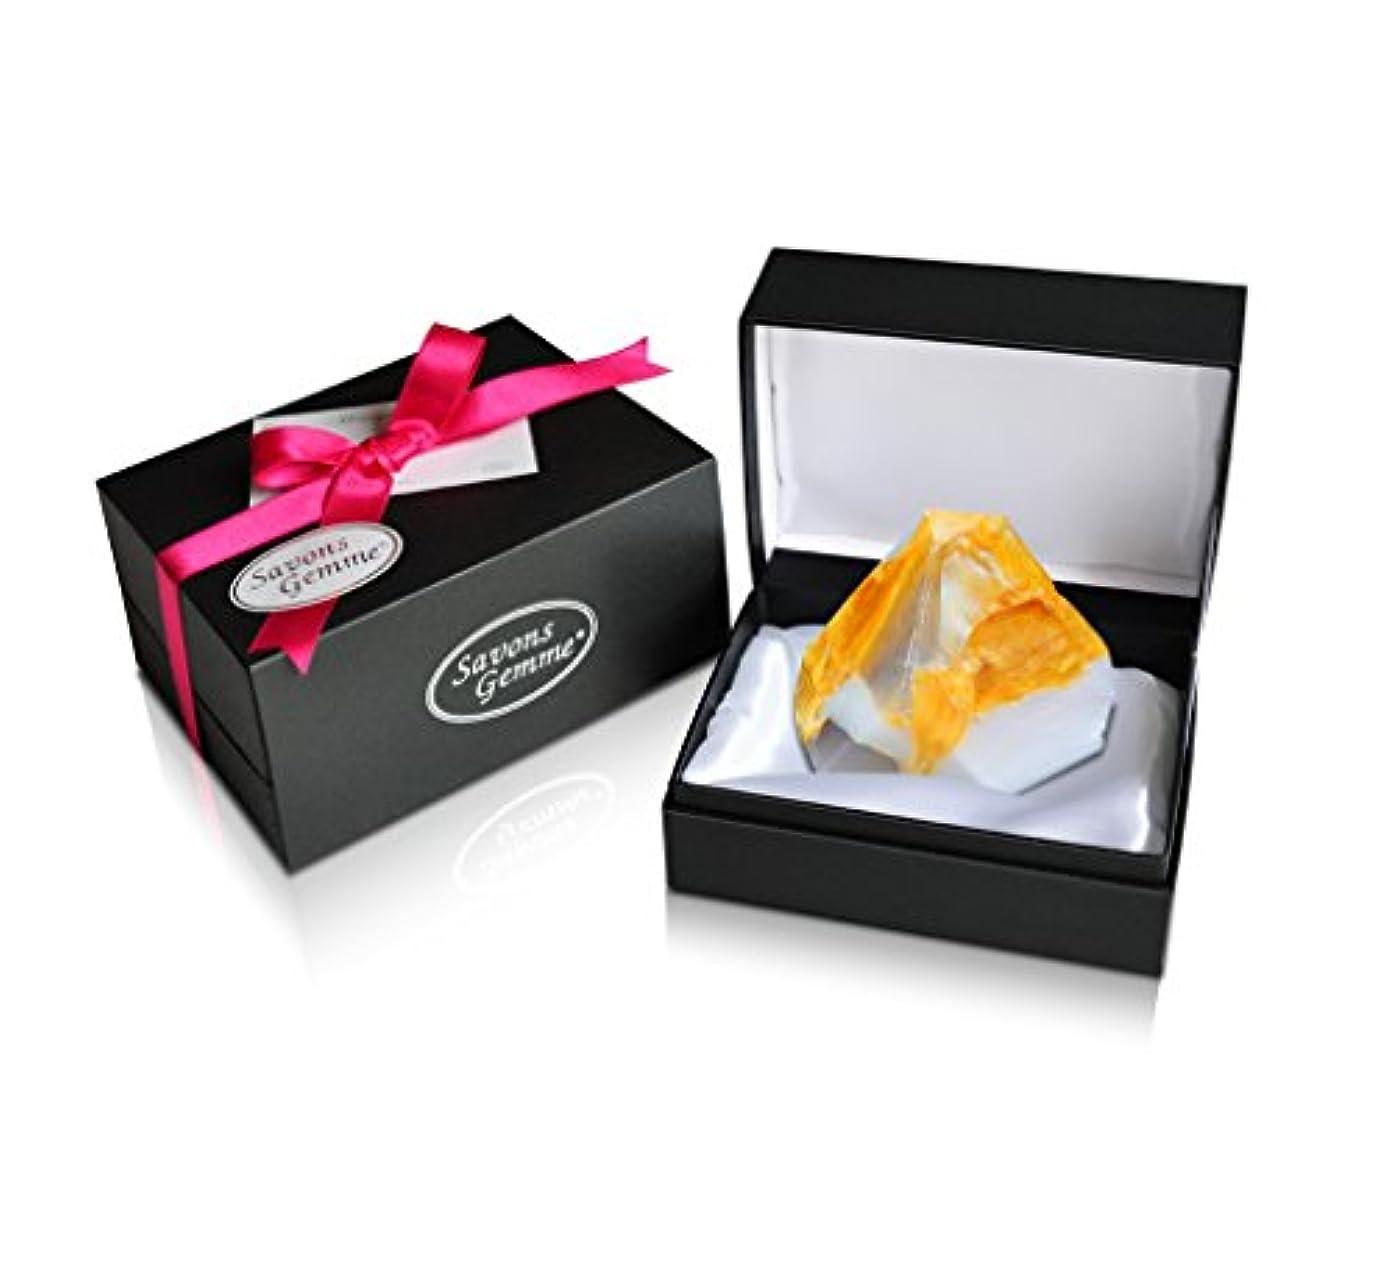 面積部分的すべてSavons Gemme サボンジェム ジュエリーギフトボックス 世界で一番美しい宝石石鹸 フレグランス ソープ 宝石箱のようなラグジュアリー感を演出 アルバトールオリエンタル 170g 【日本総代理店品】